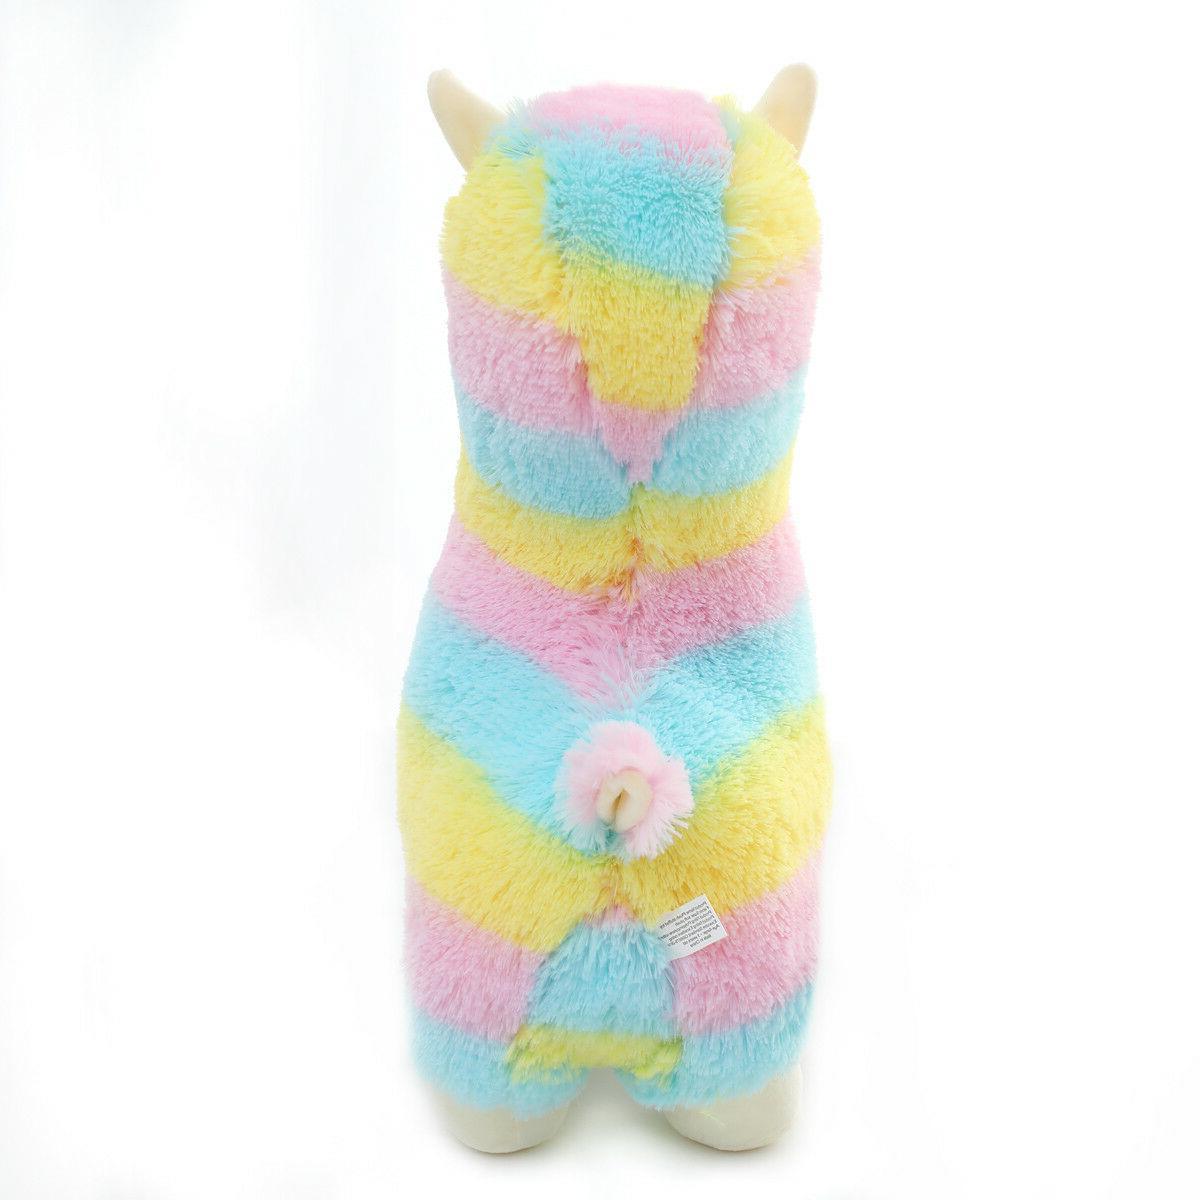 Winsterch Fluffy Soft Plush Toy Llama inches